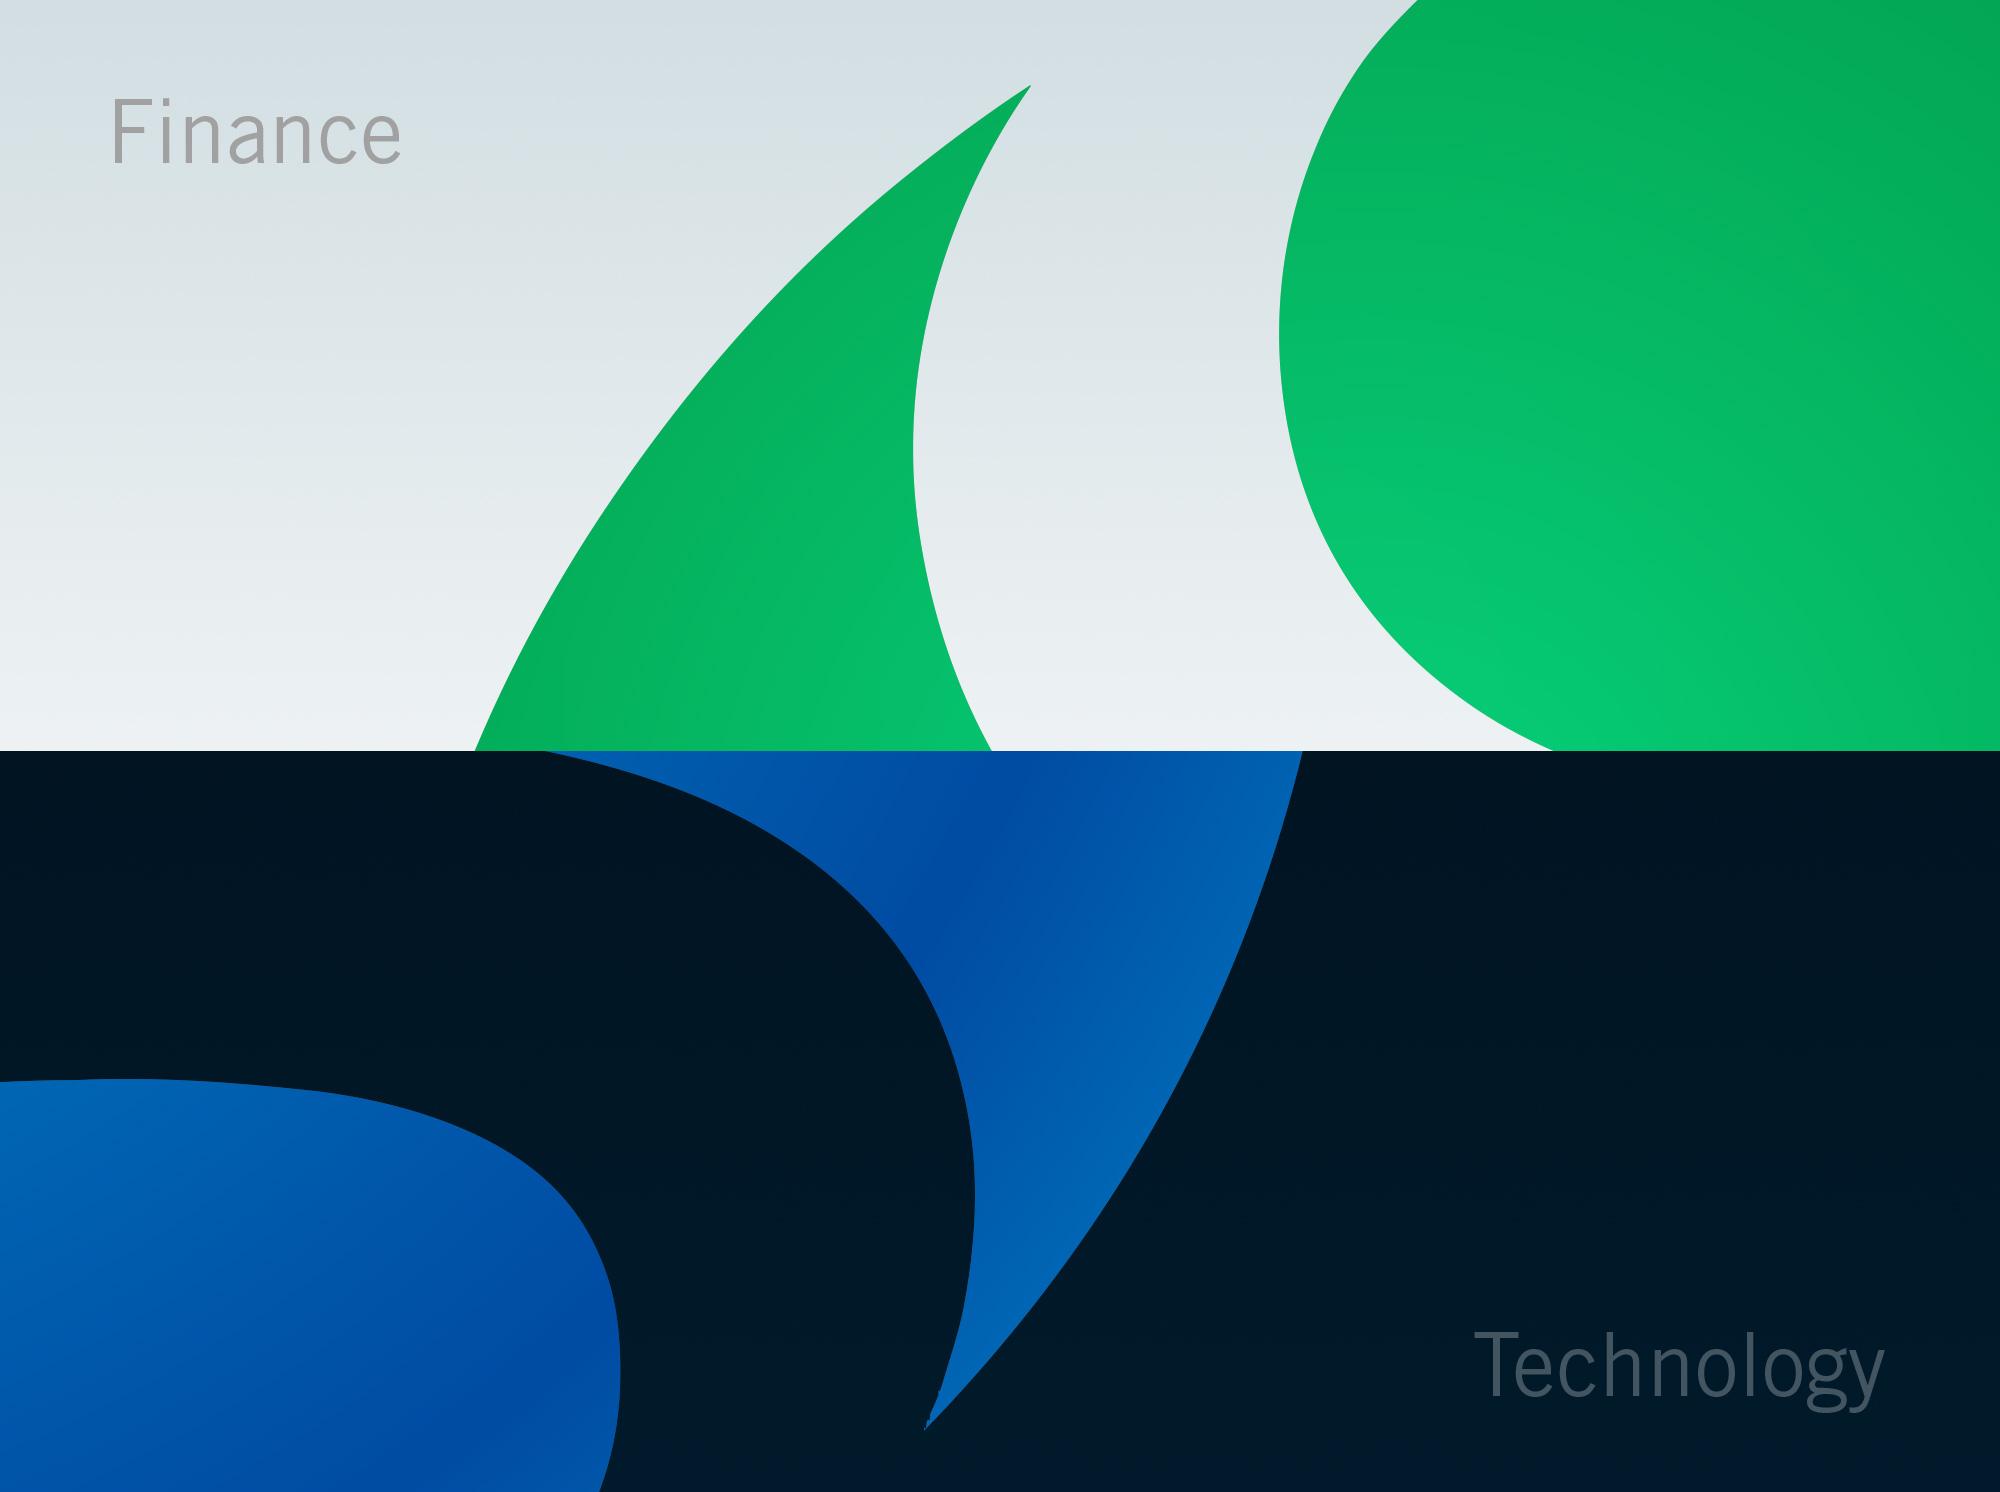 Finance&Technology2.jpg